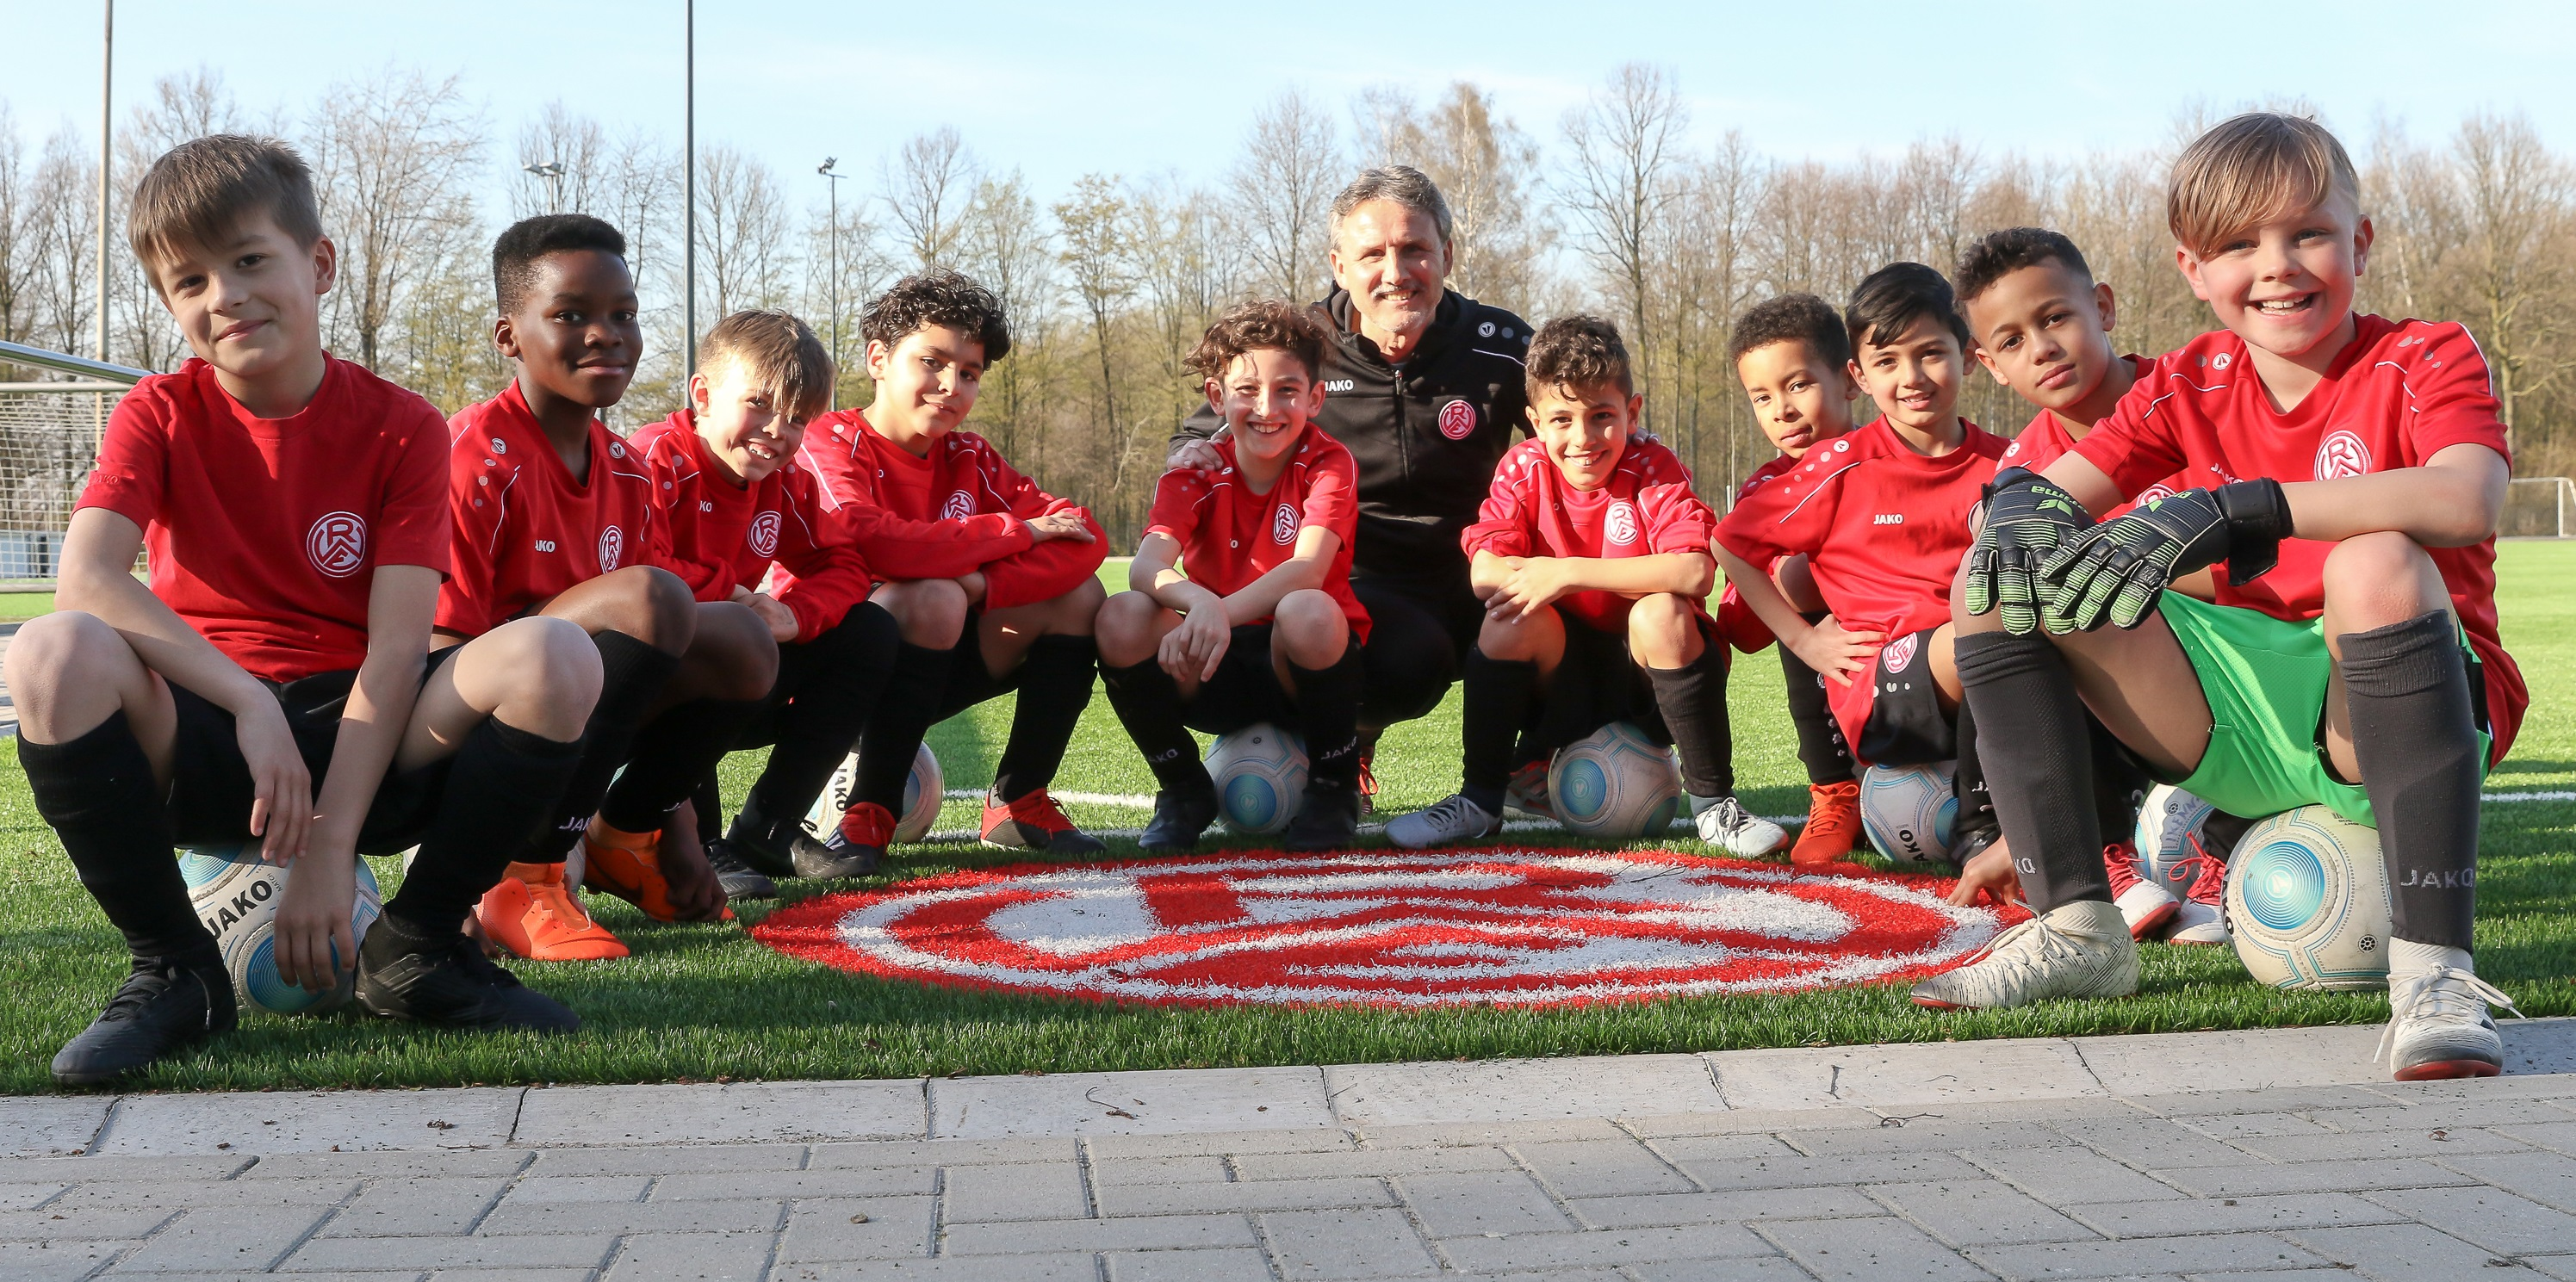 Im Fördertraining erhalten Jung-Rot-Weisse die Chance, an ihren Fußballfertigkeiten zu feilen. (Foto: Endberg)